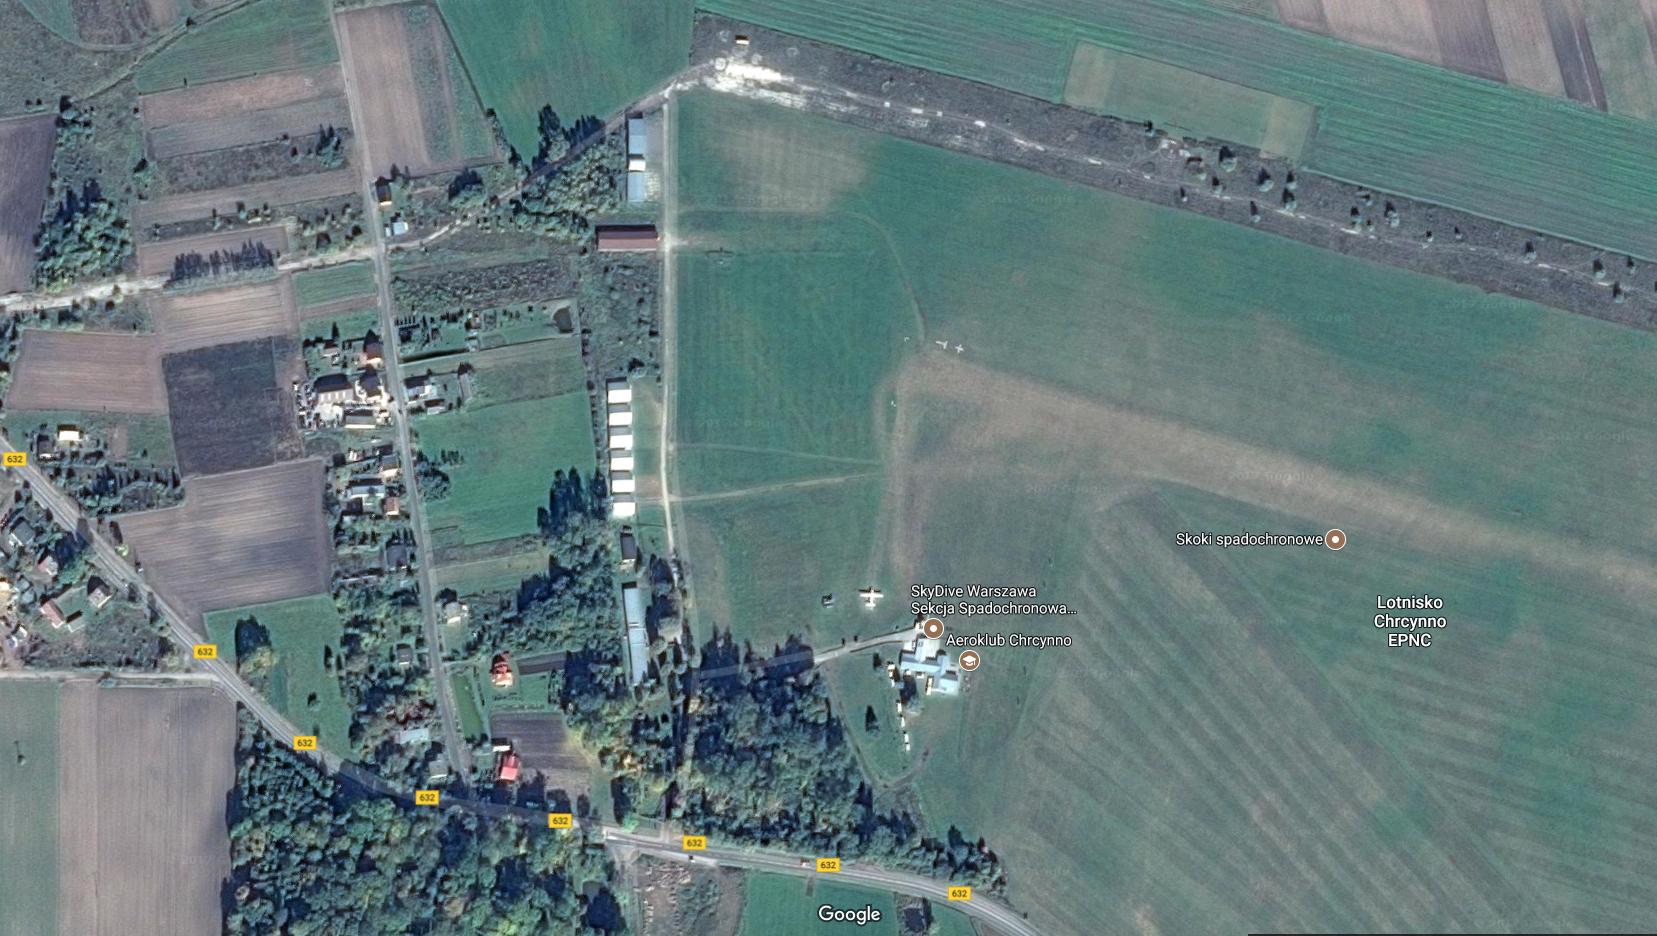 Lotnisko Chrcynno. 2017r. Zdjęcie Google